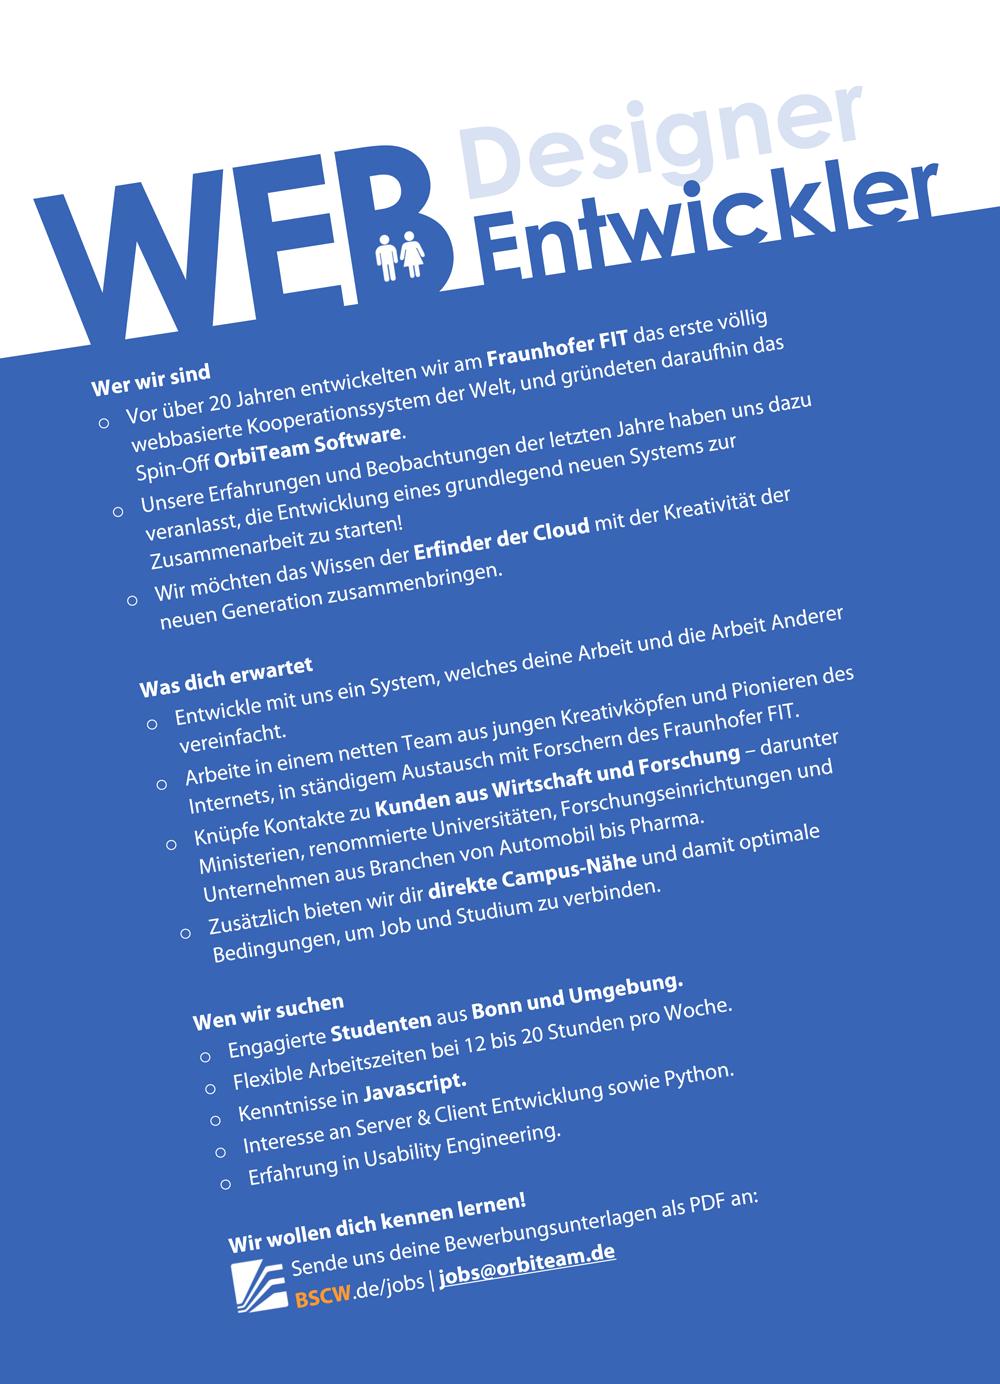 job_webentwickler.png